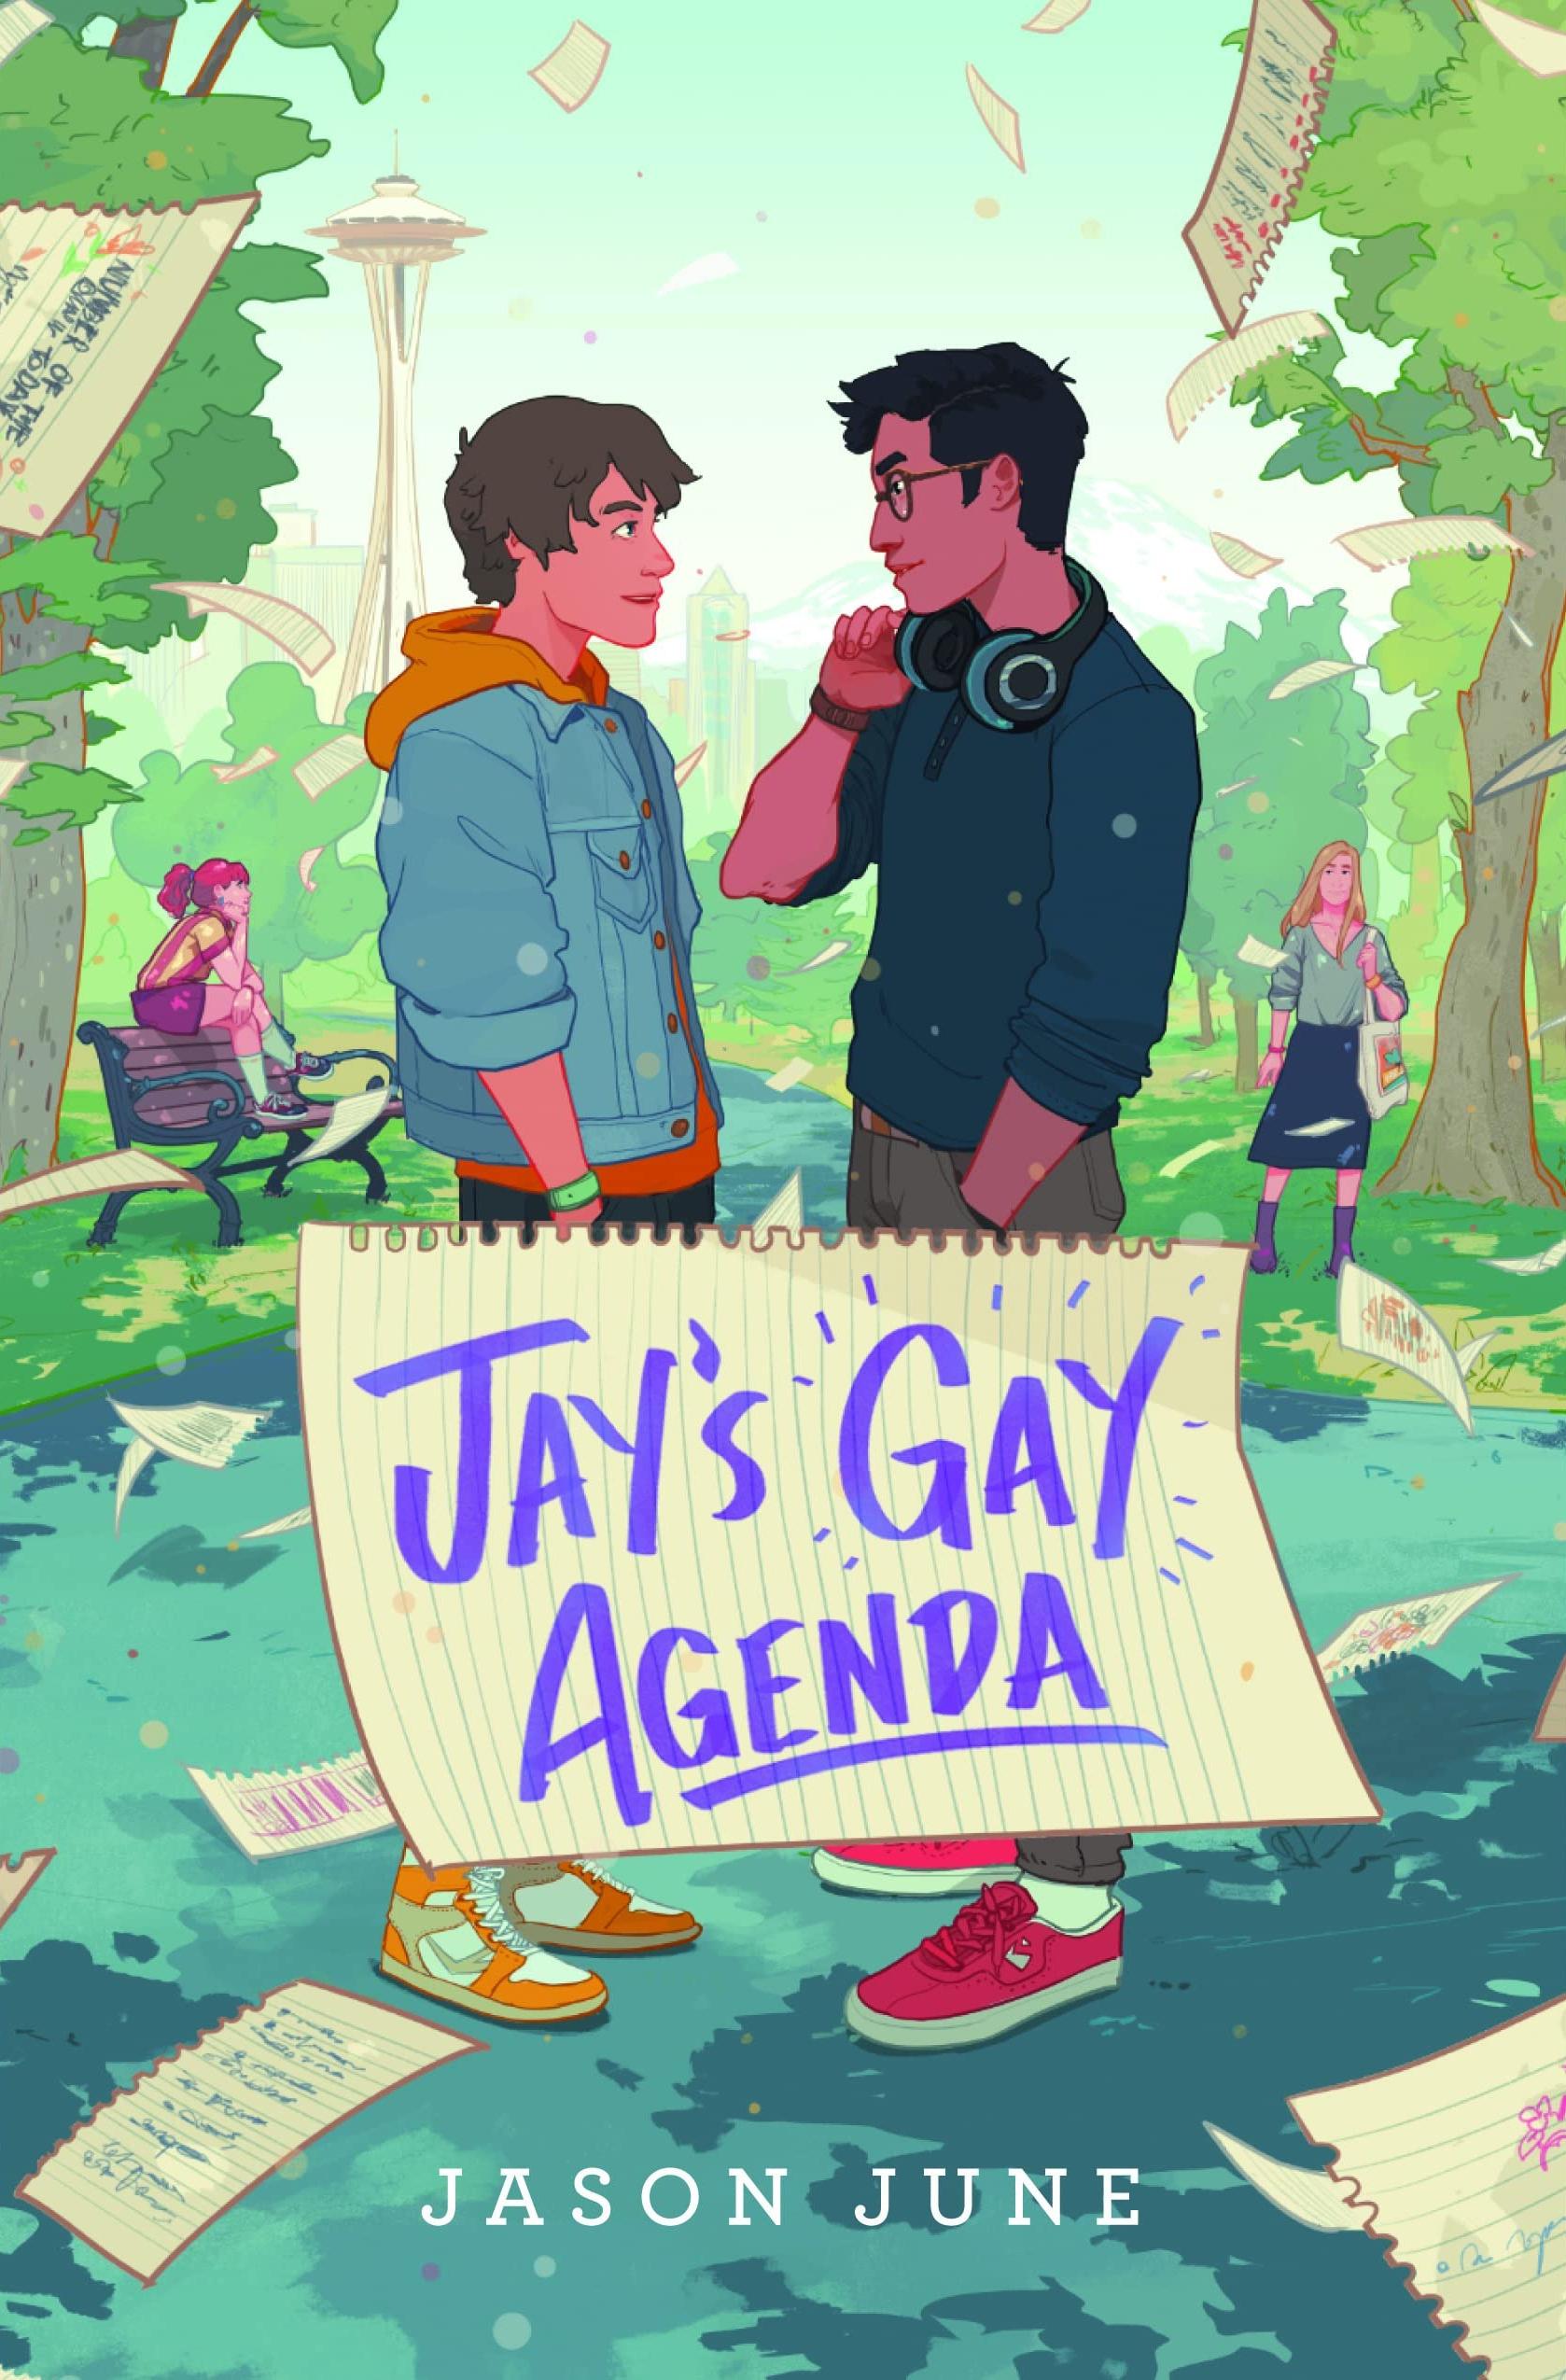 Jays Gay Agenda